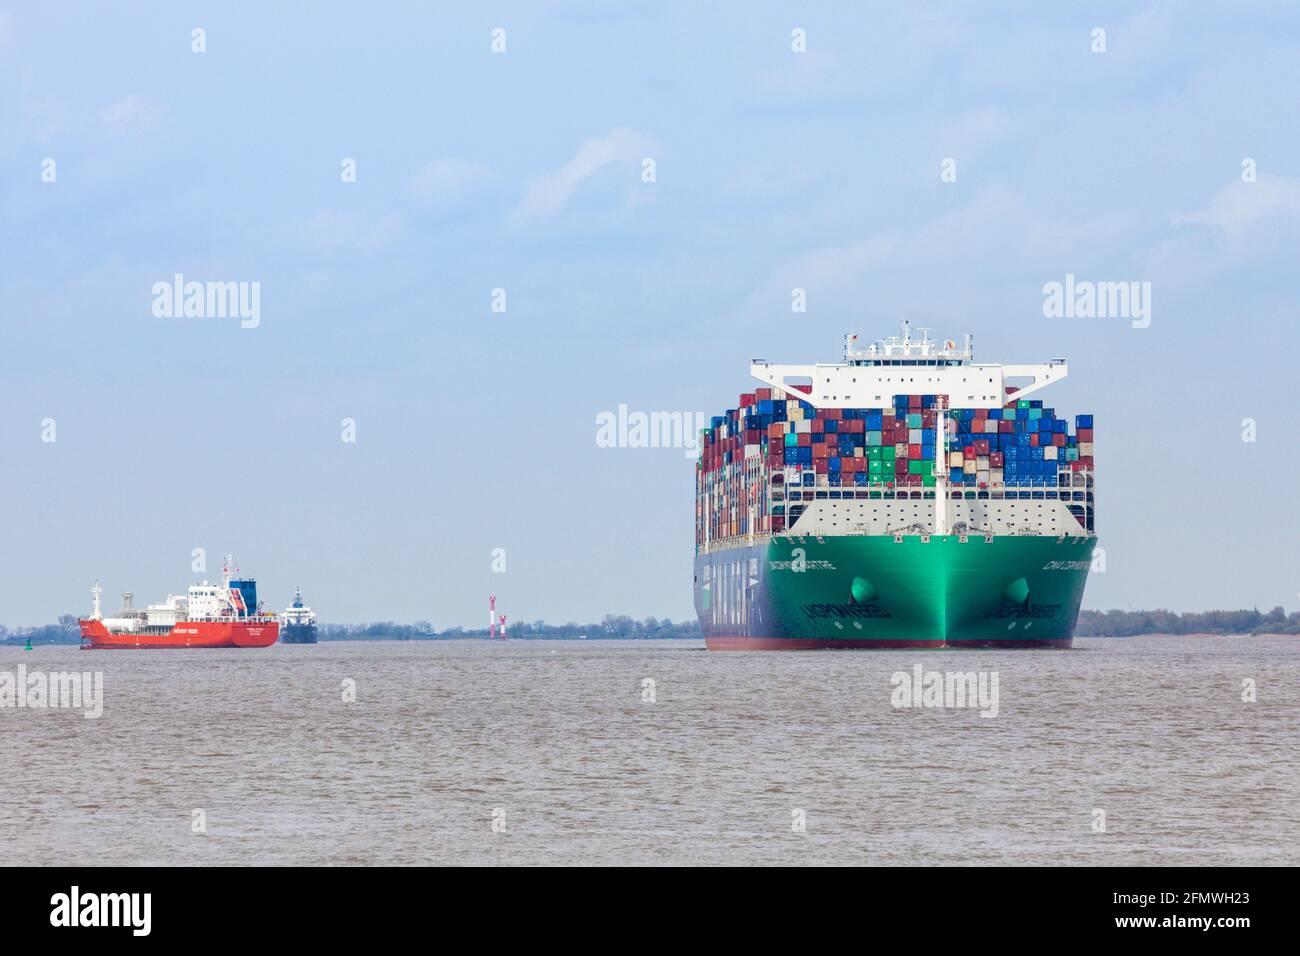 Stade, Allemagne – 8 mai 2021 : CMA CGM Montmartre, l'un des plus grands conteneurs alimentés par le gaz naturel liquide, sur l'Elbe en direction de Hambur Banque D'Images